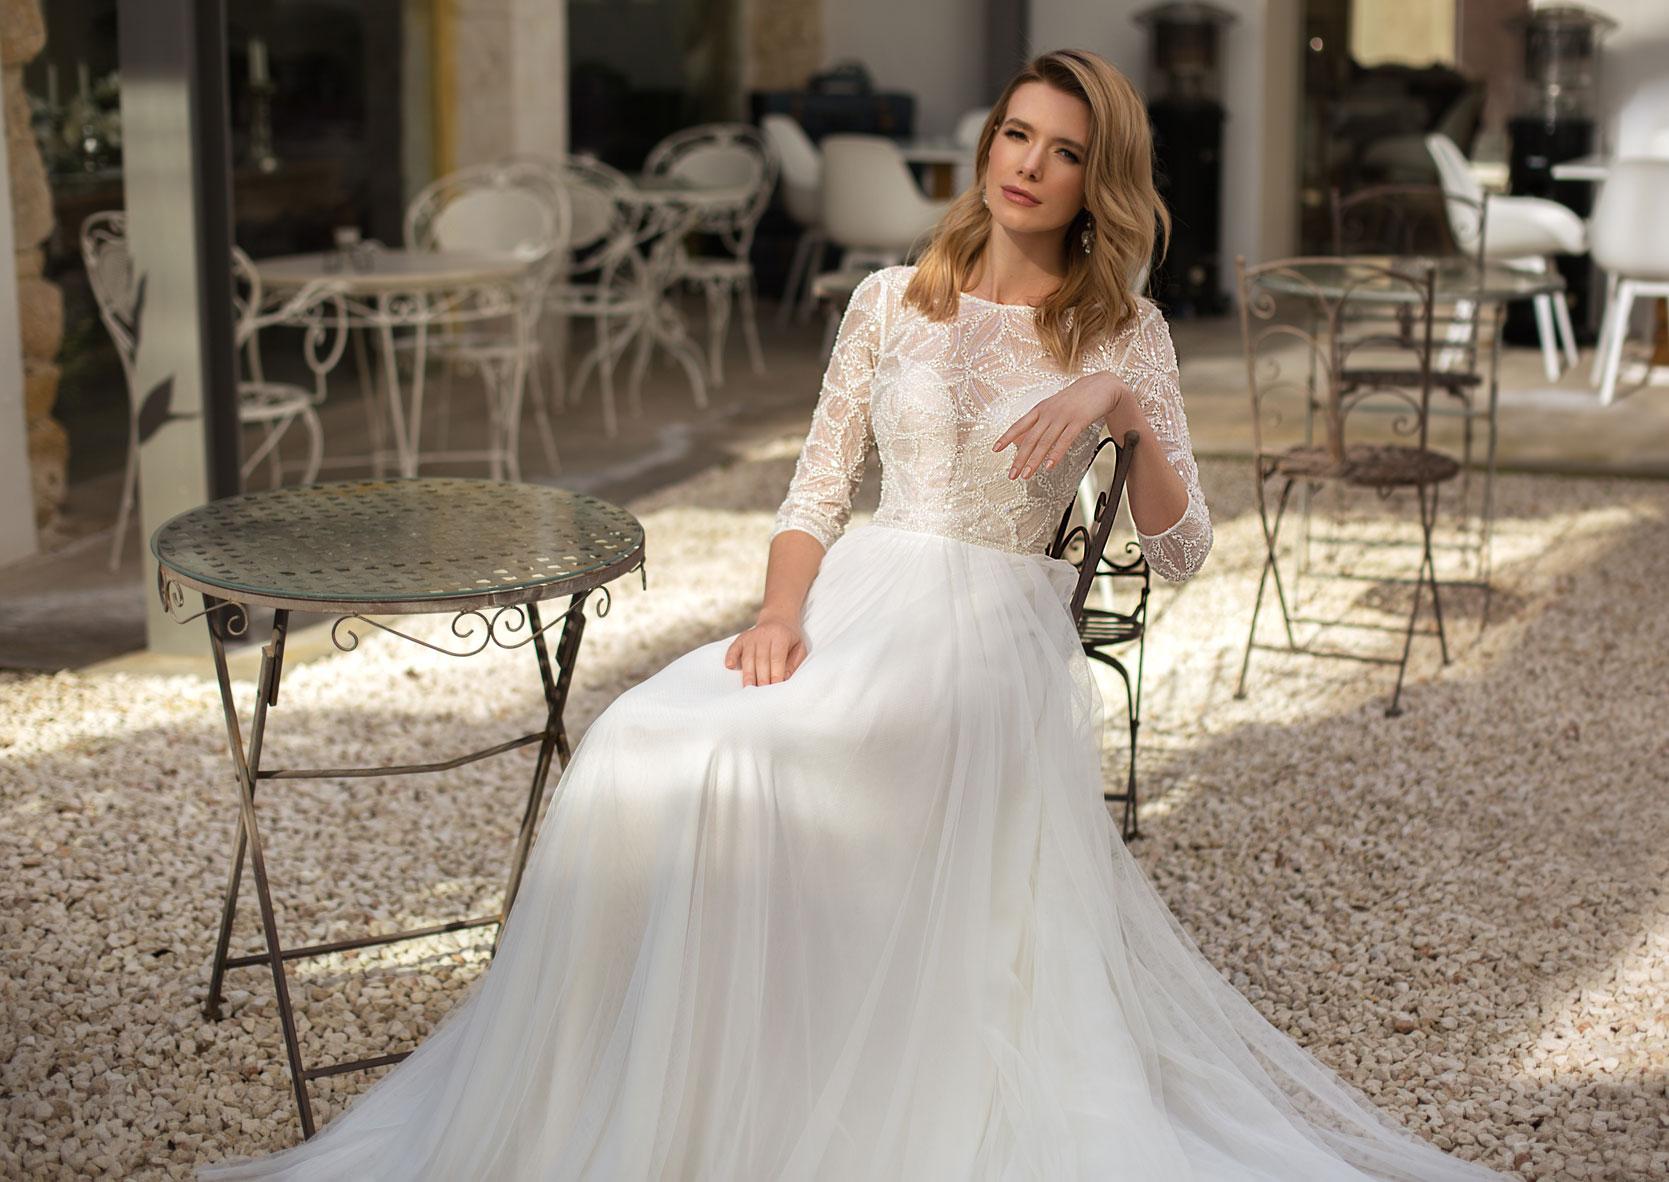 Standesamt Brautkleider schlicht, farbig, lang, kurz - Your day